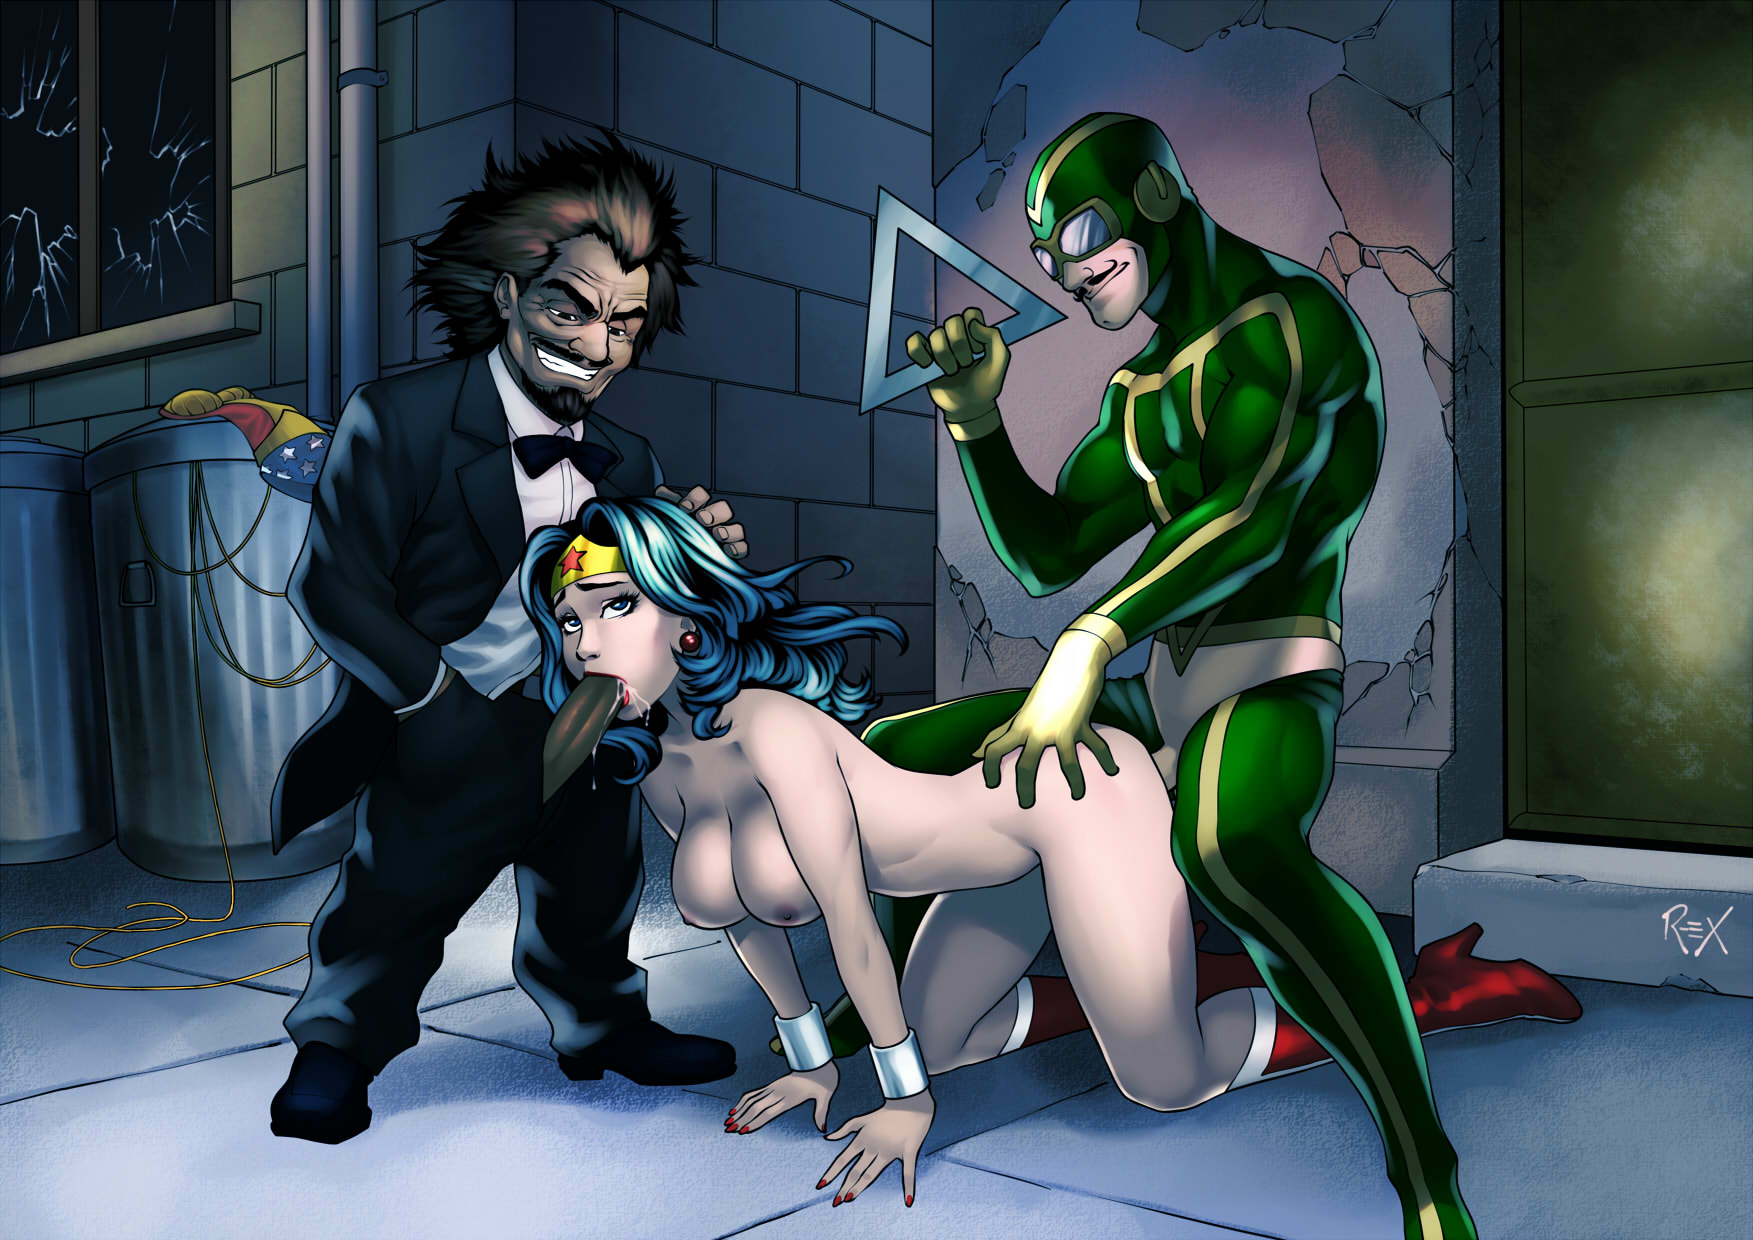 Смотреть порно бэтмен, Бэтмен - бесплатное порно онлайн, смотреть видео 19 фотография